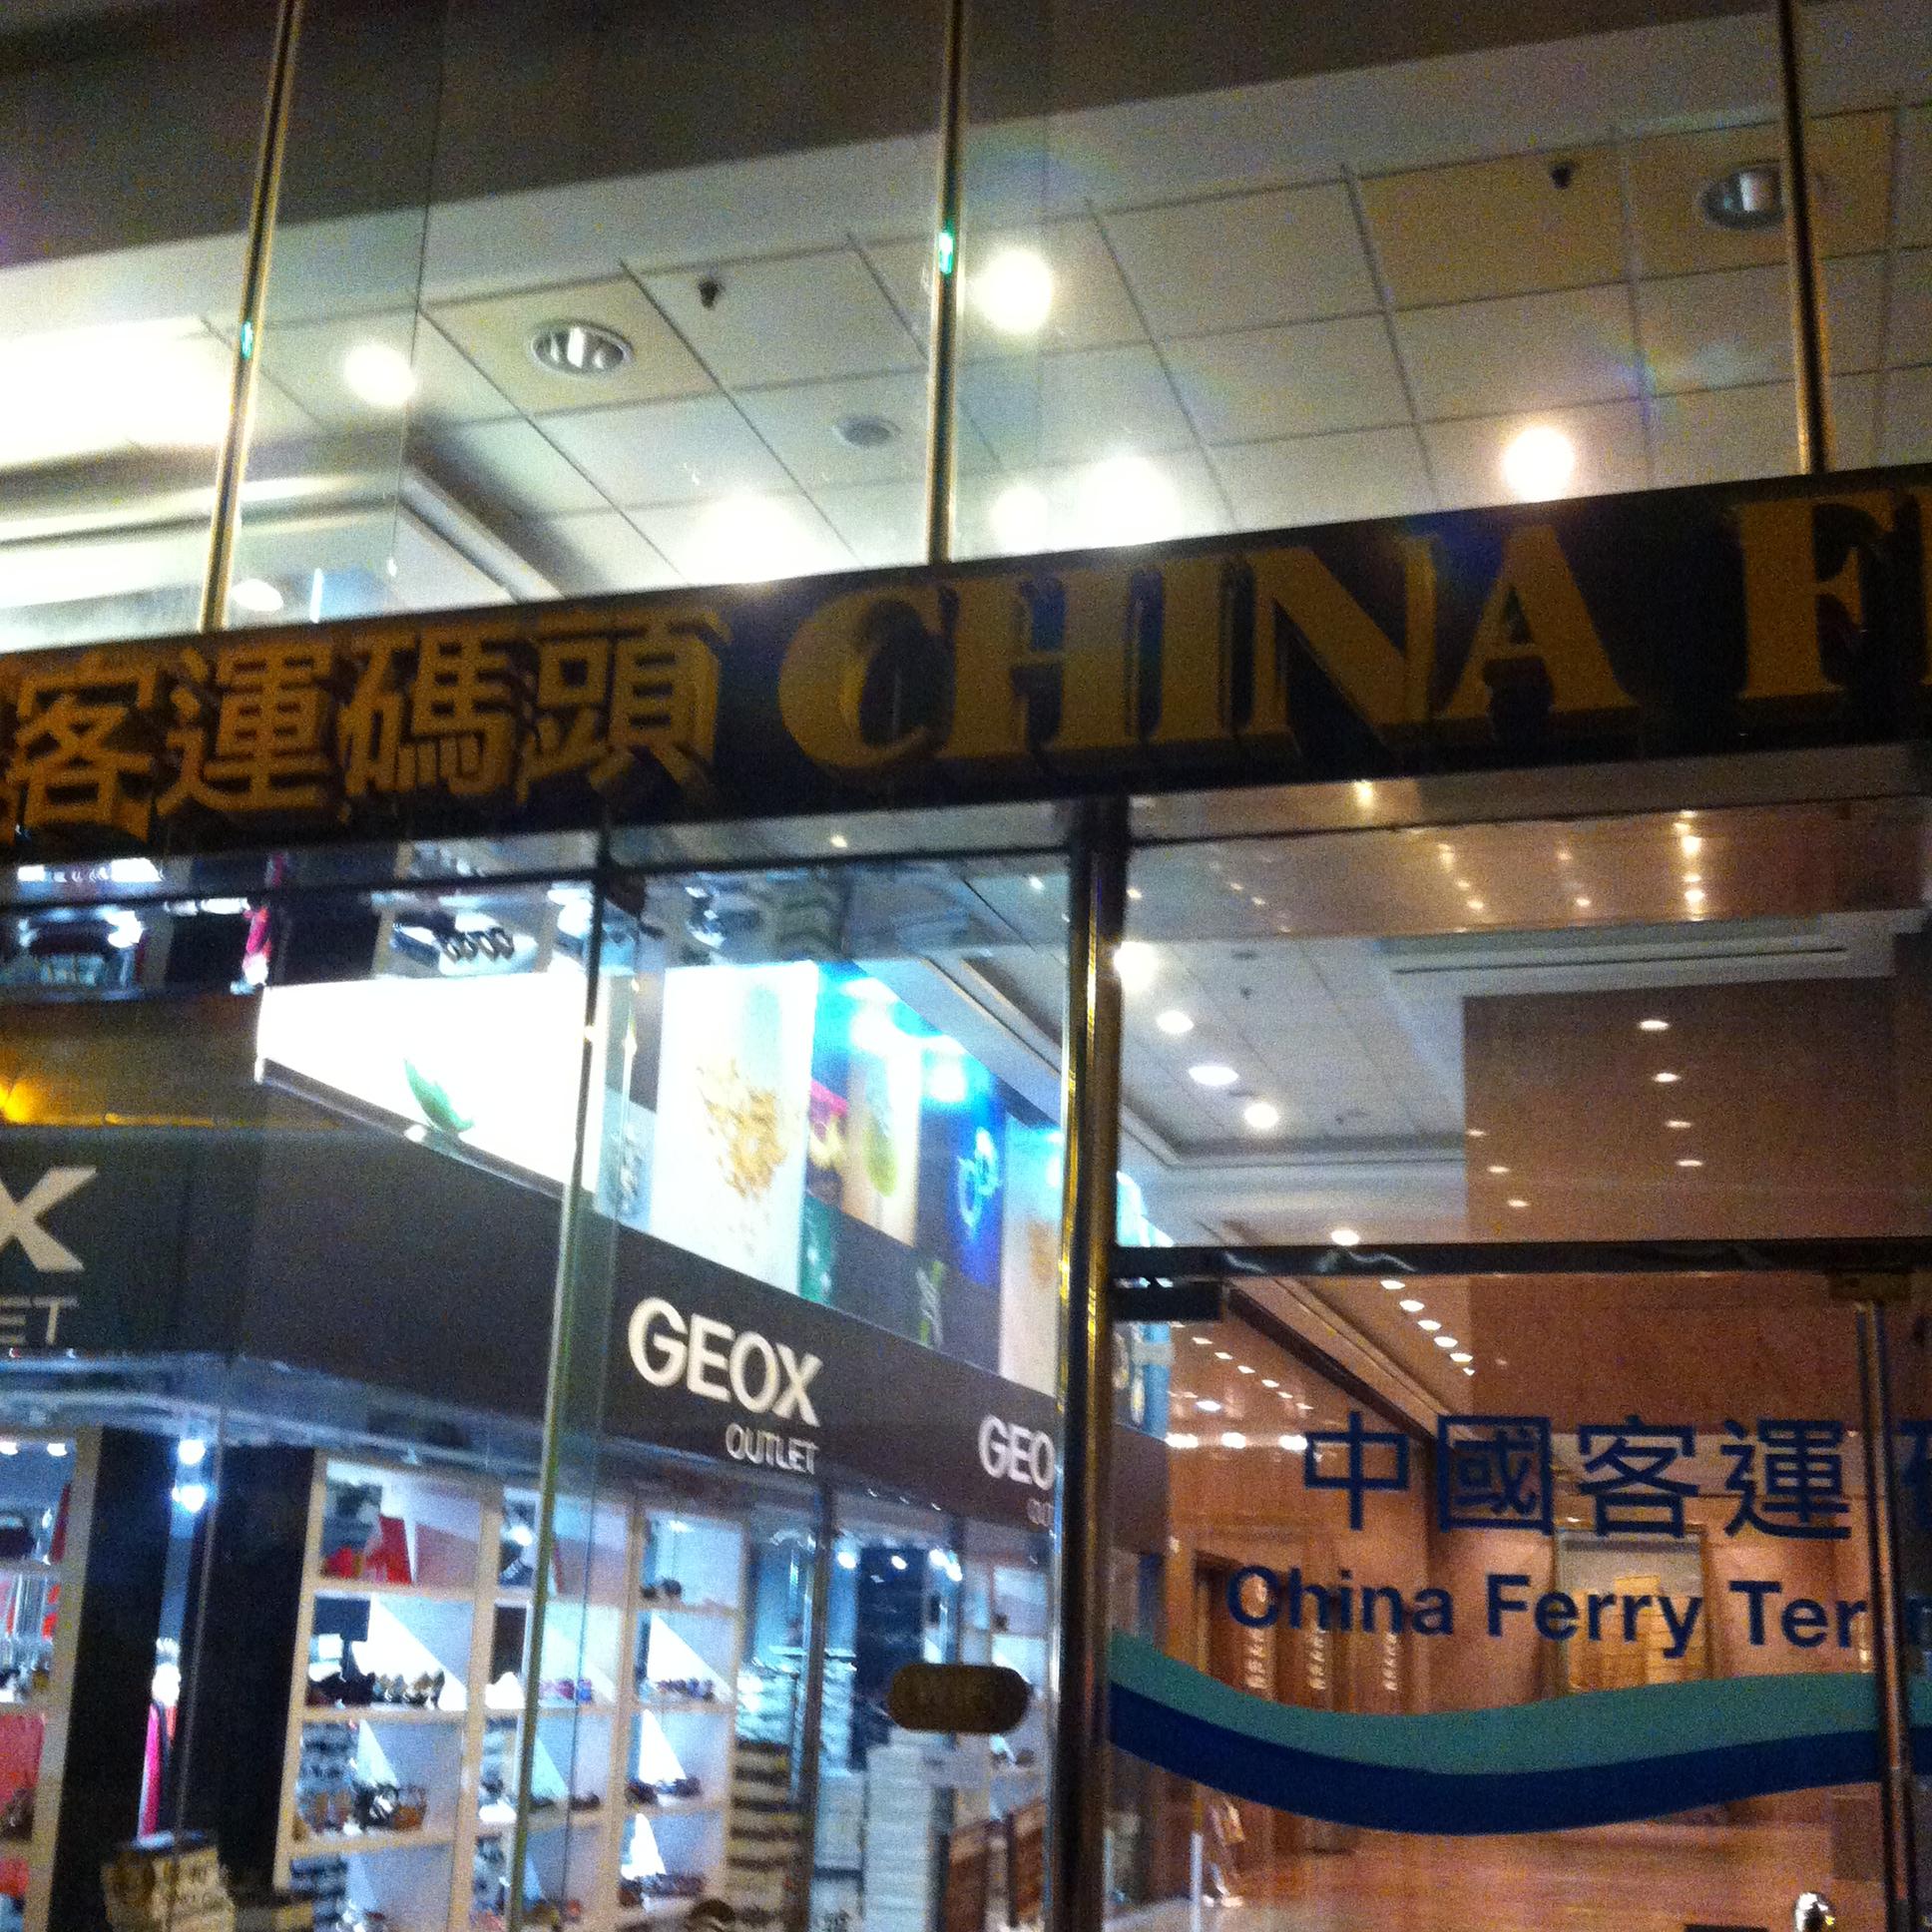 【アクセス】尖沙咀(チムサーチョイ)にある中国客運埠頭への行き方